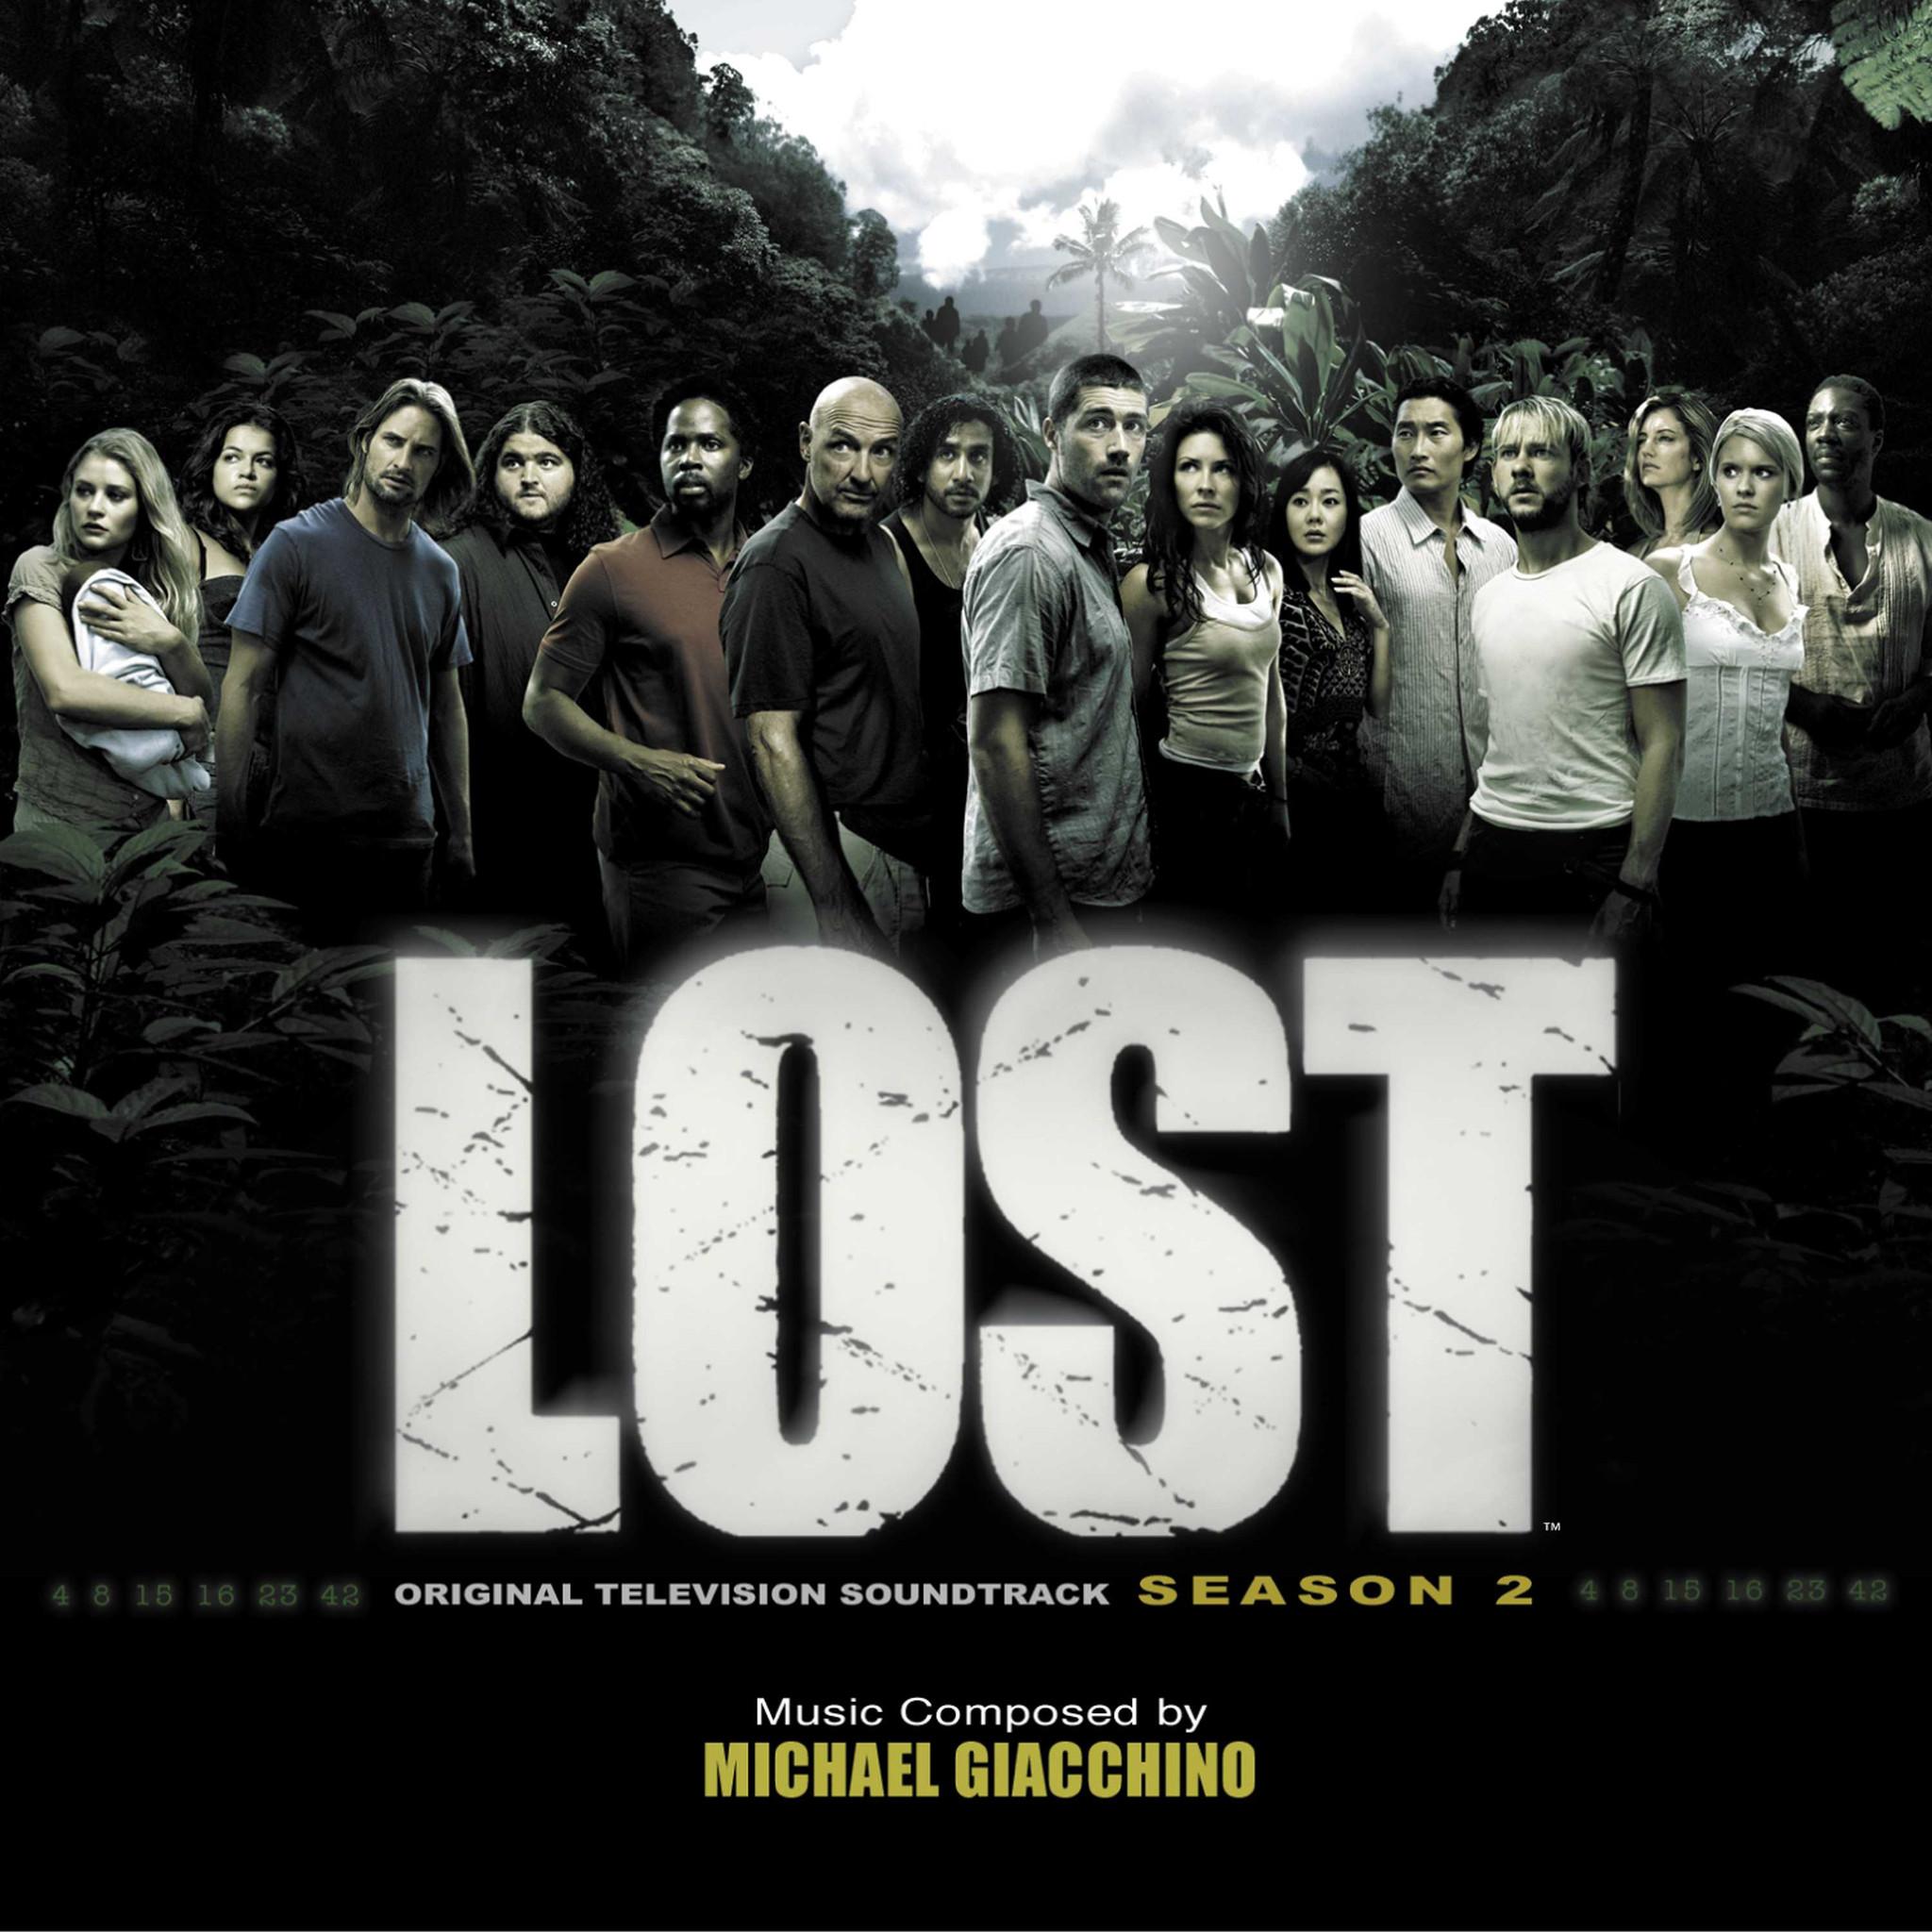 Lost: Season 2 (Score) / TV O.s.t. - Lost: Season 2 (Score) / TV O.s.t. - Musik - SOUNDTRACK - 0030206675924 - October 3, 2006